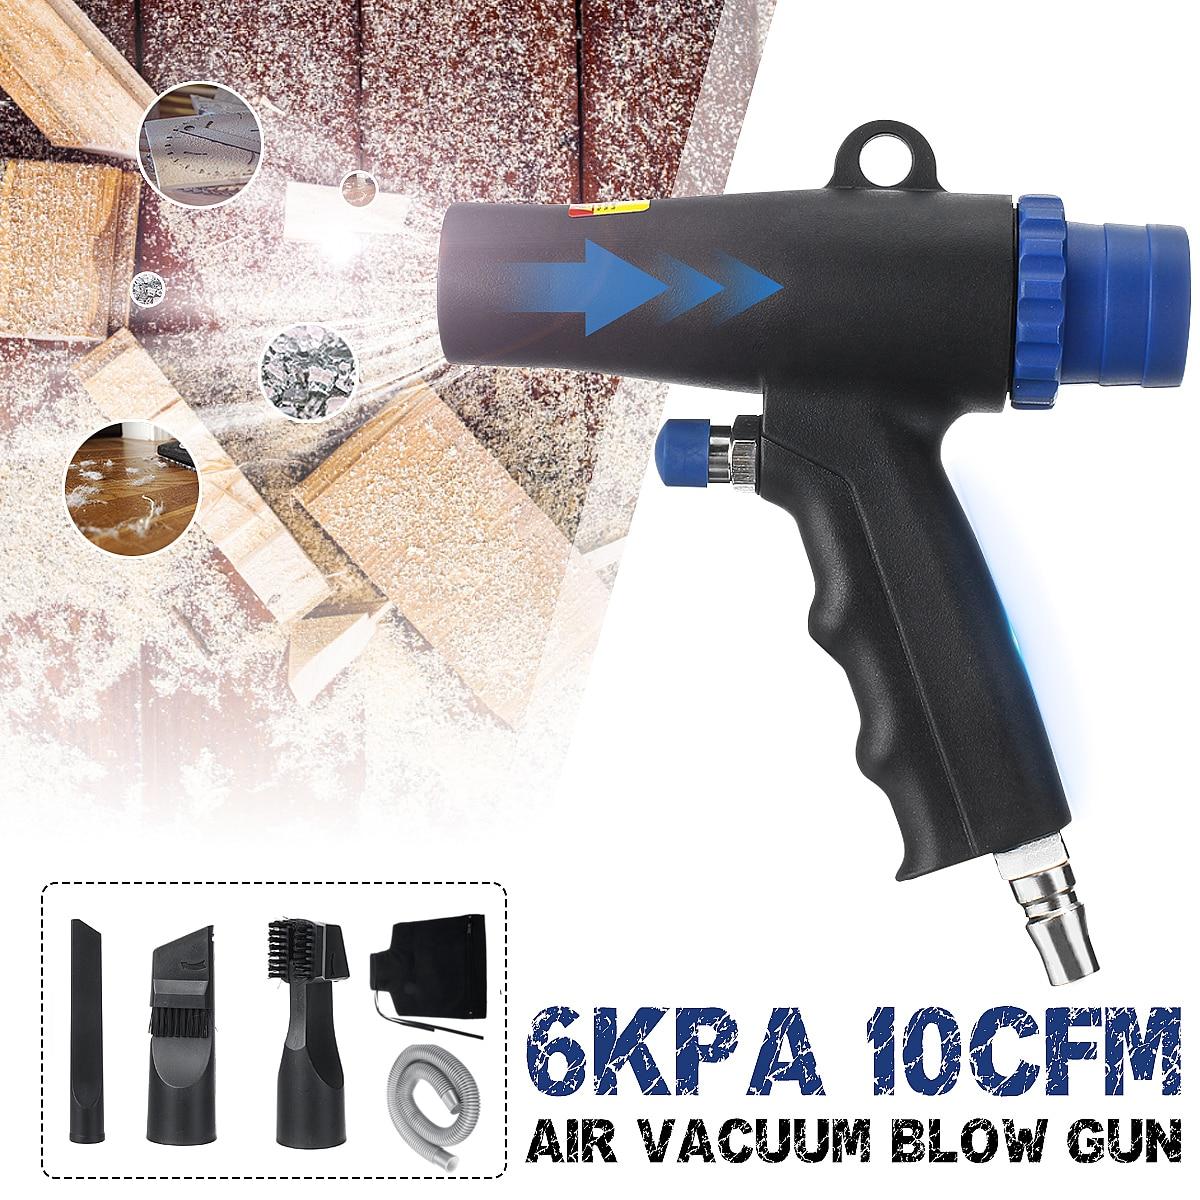 2 In 1 Air Duster Compressor Dual Function Air Vacuum Blow Suction Guns Kit Pneumatic Vacuum Cleaner Tool